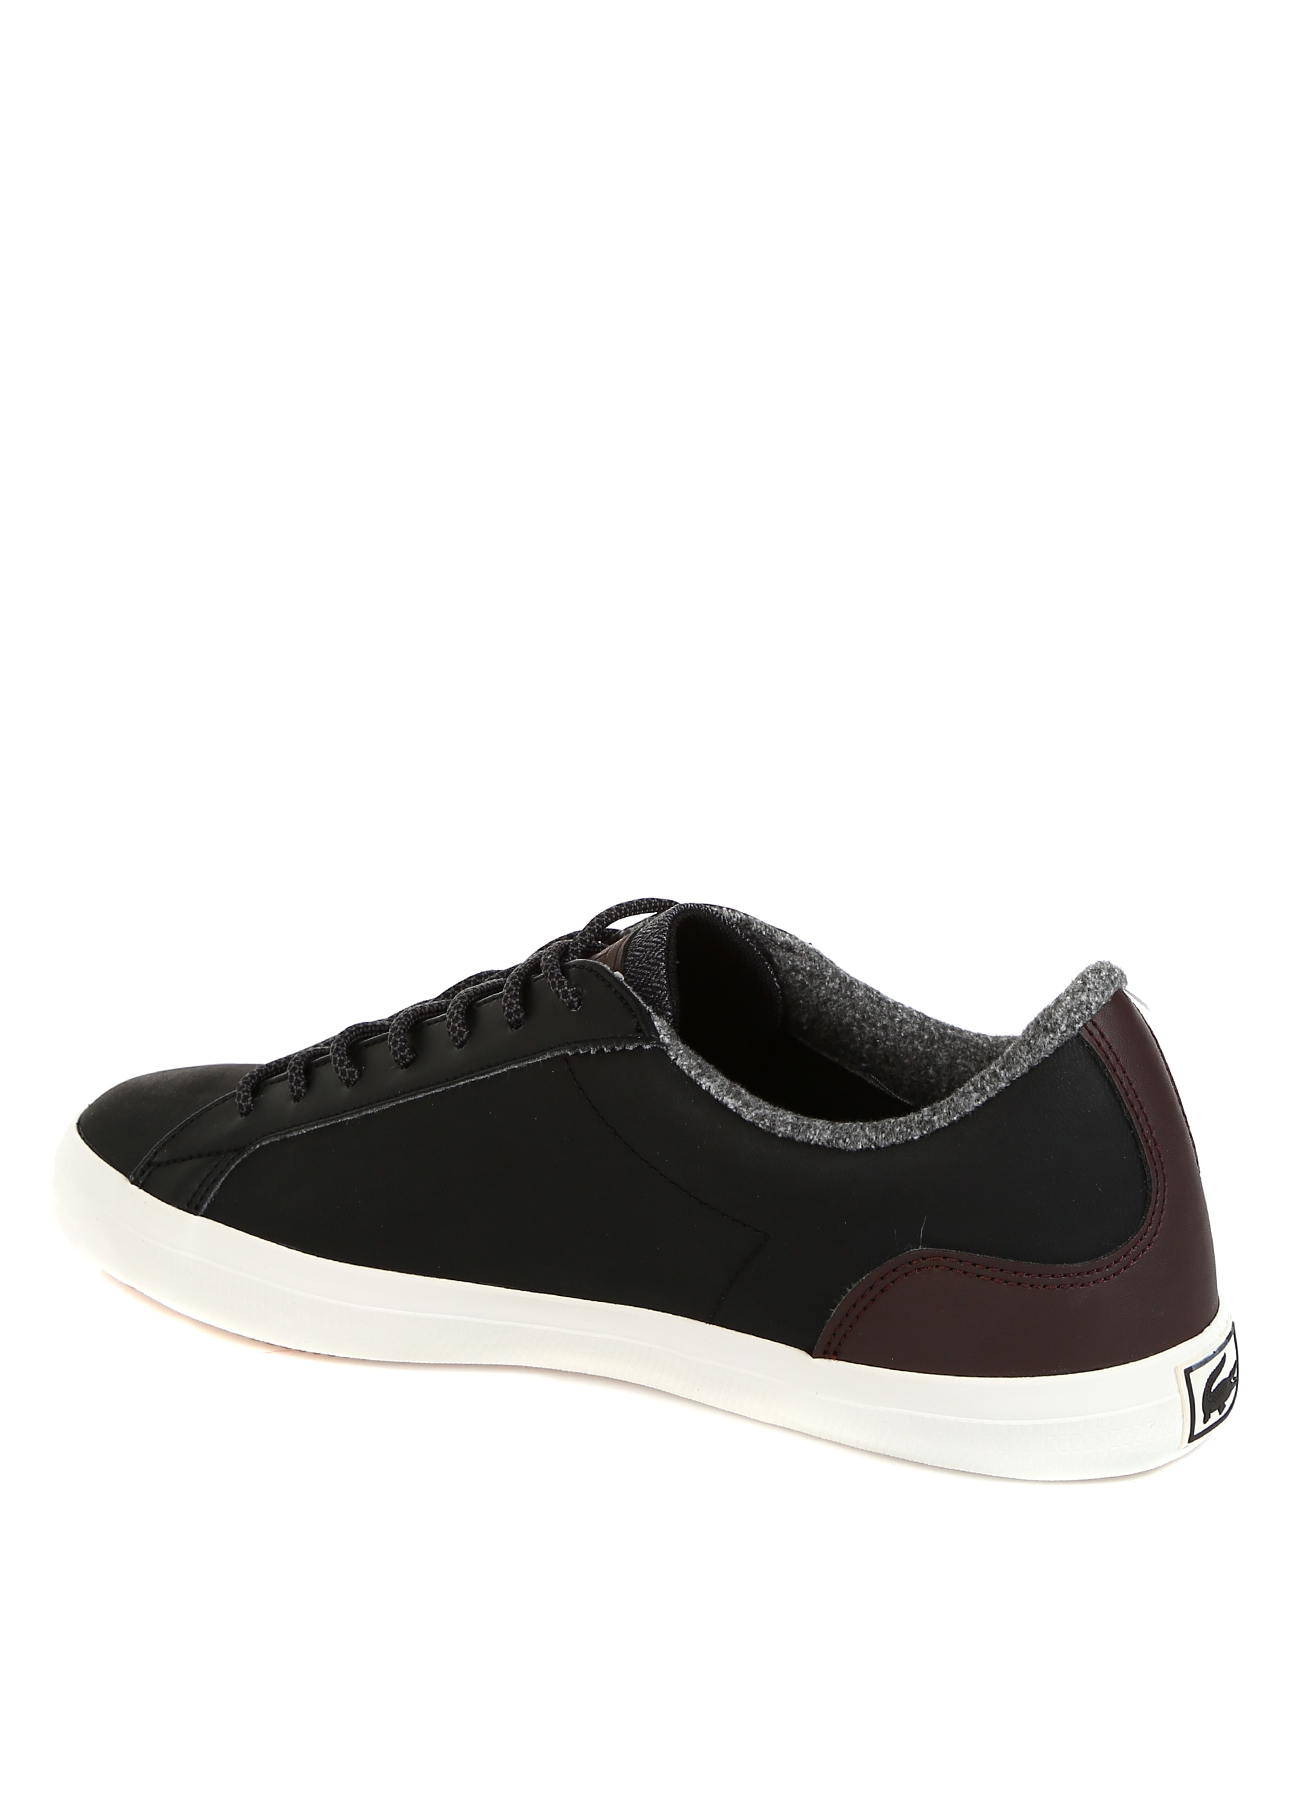 Lacoste Lifestyle Ayakkabı 40 5002314235002 Ürün Resmi